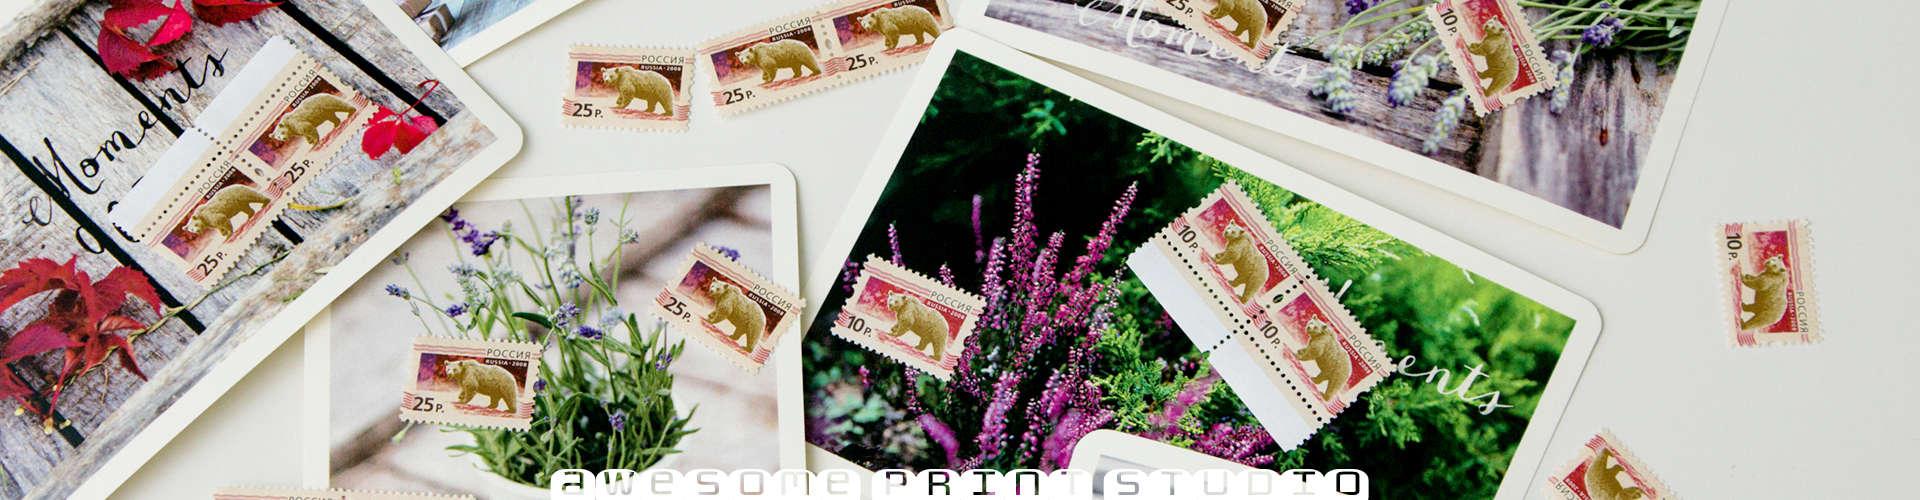 печать почтовых открыток с фотографиями и рисунками в Петербурге, бесплатная доставка по России и миру